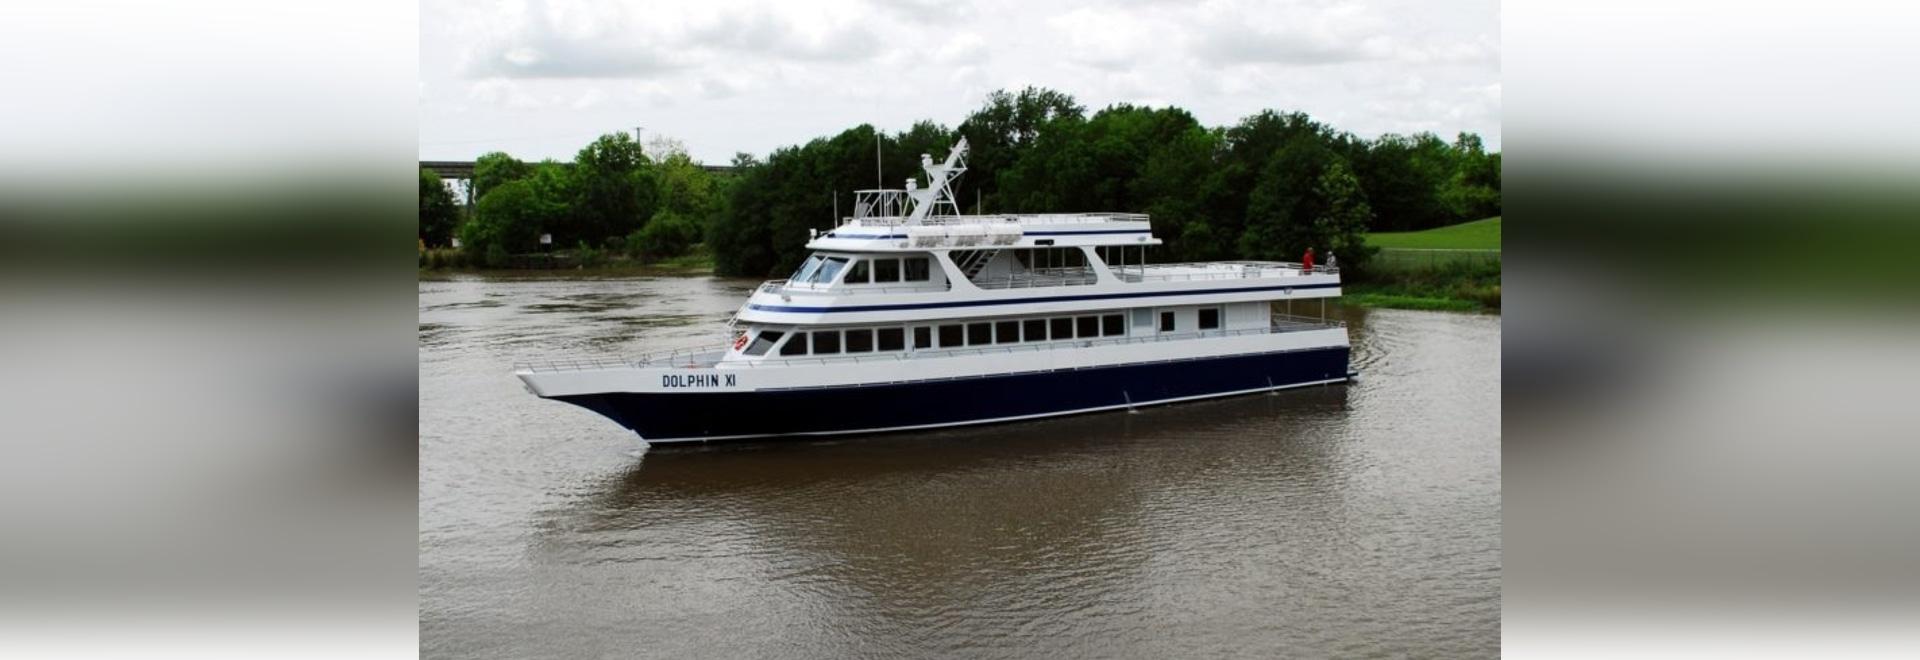 Gulf Craft liefert Walbeobachtungsschiff nach Massachusetts